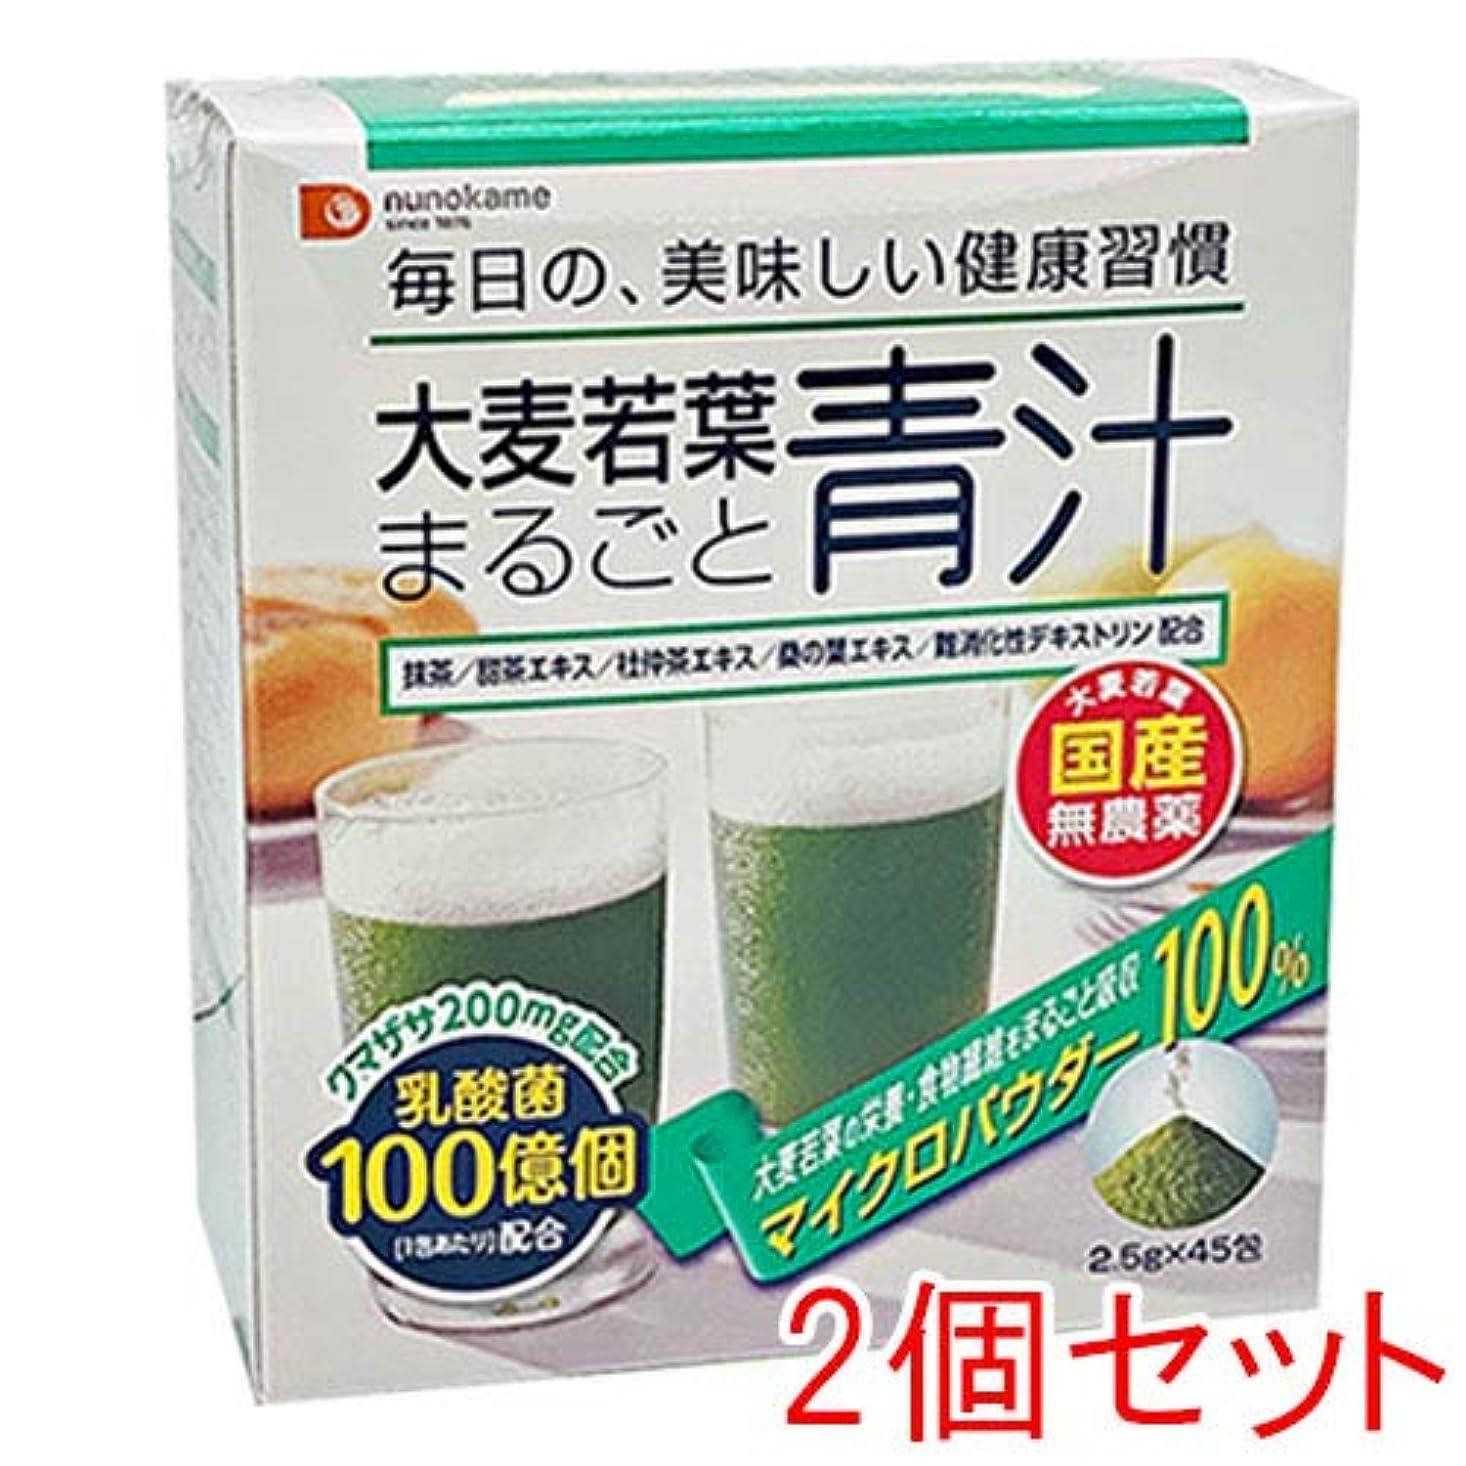 樹木再び呼び出す大麦若葉まるごと青汁【2個セット】 2.5g×45包×2